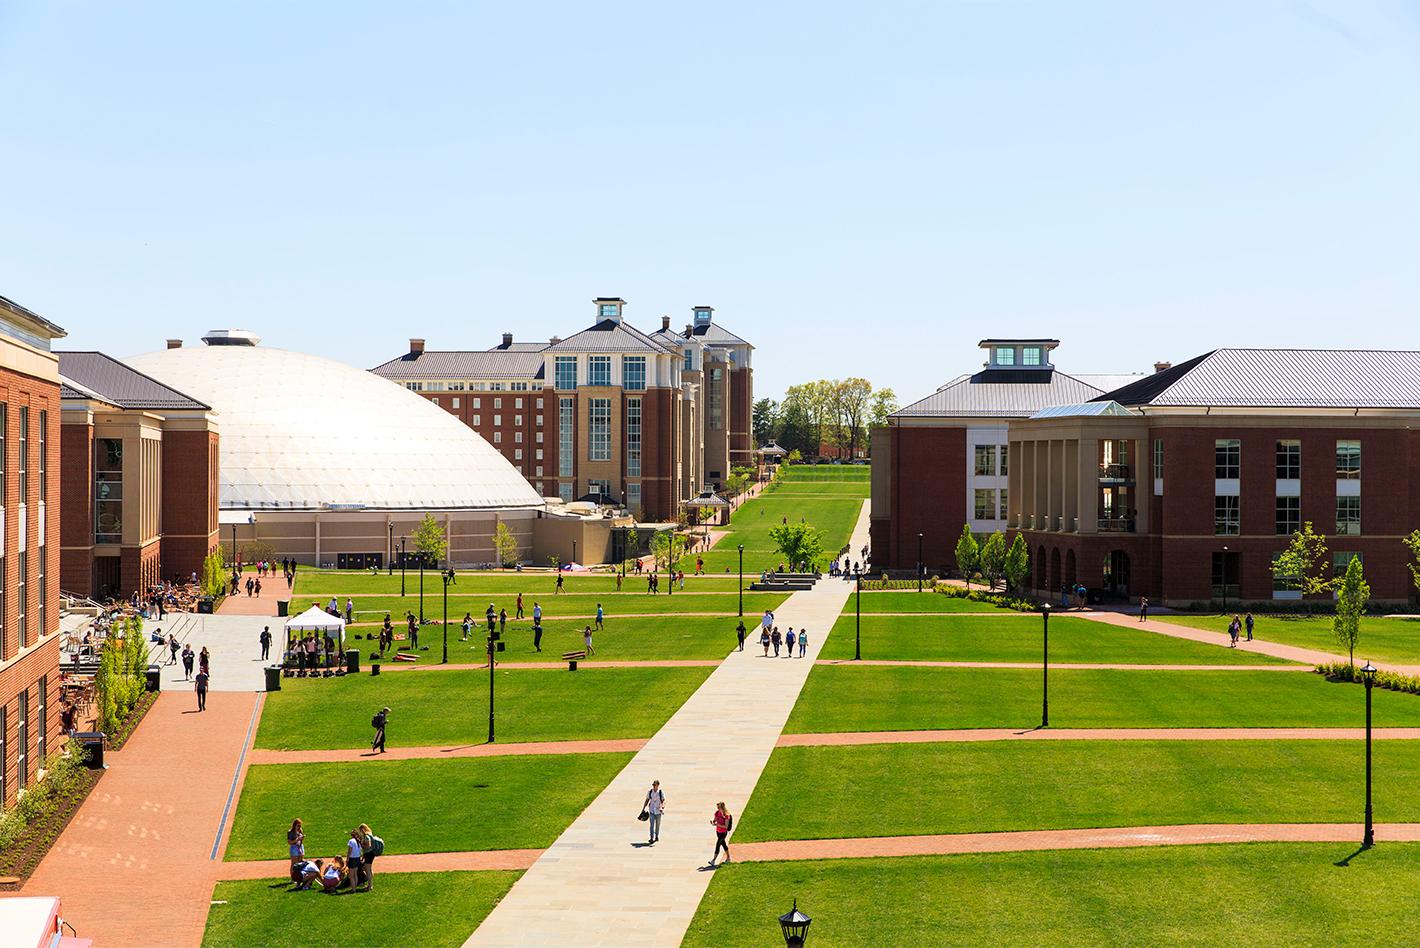 جامعة ليبرتي: معلومات عنها وتاريخها ومكانها وموقعها